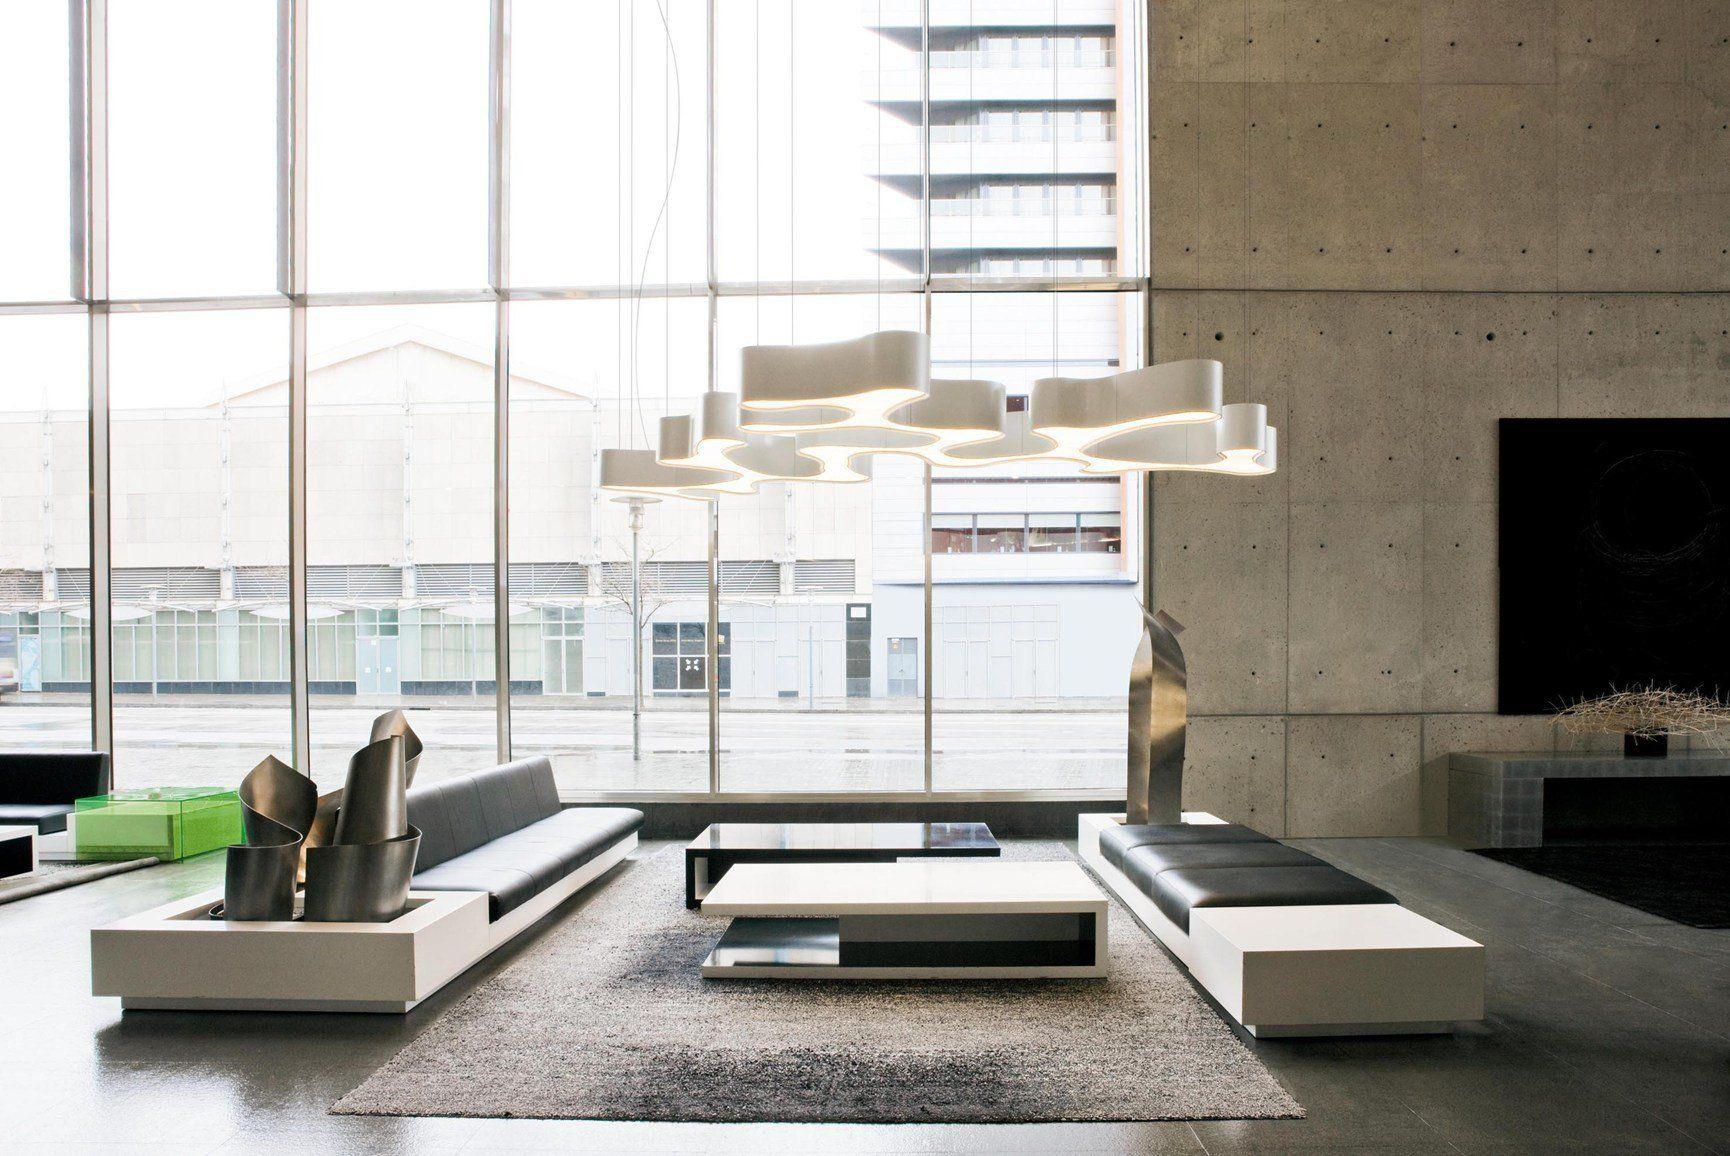 Iluminación y escultura para recrear espacios llenos de creatividad